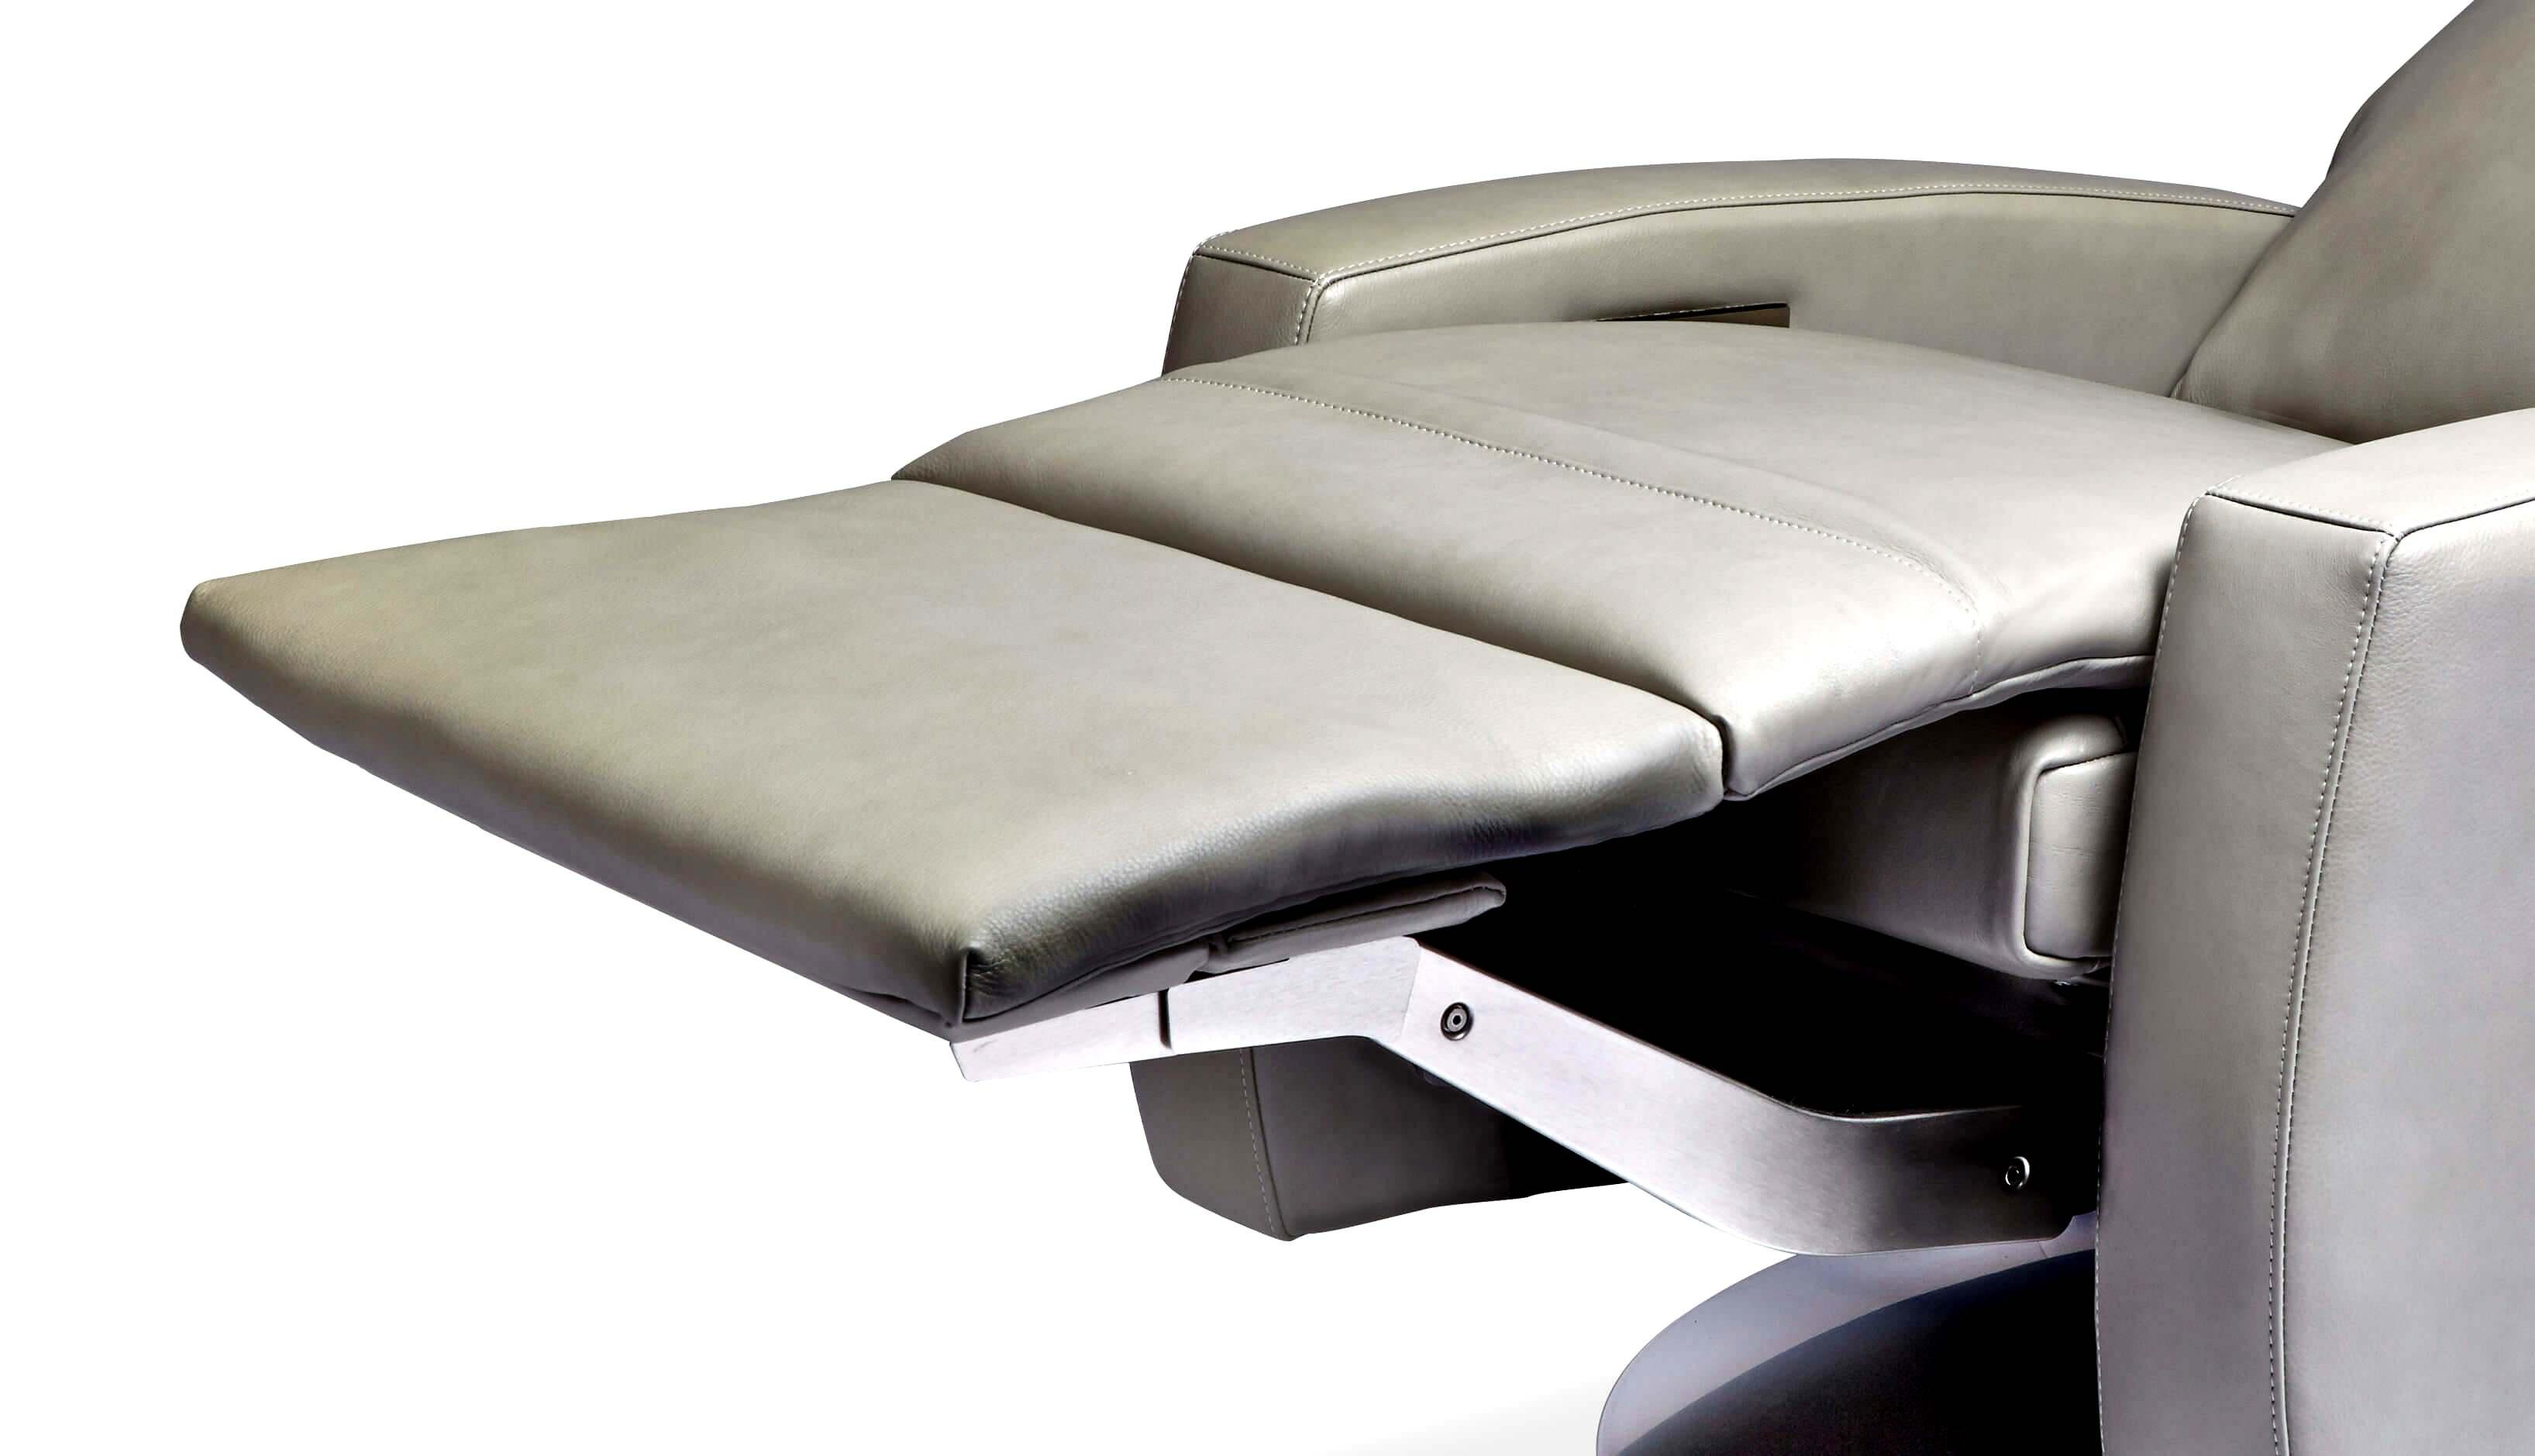 to Fix a Recliner Footrest